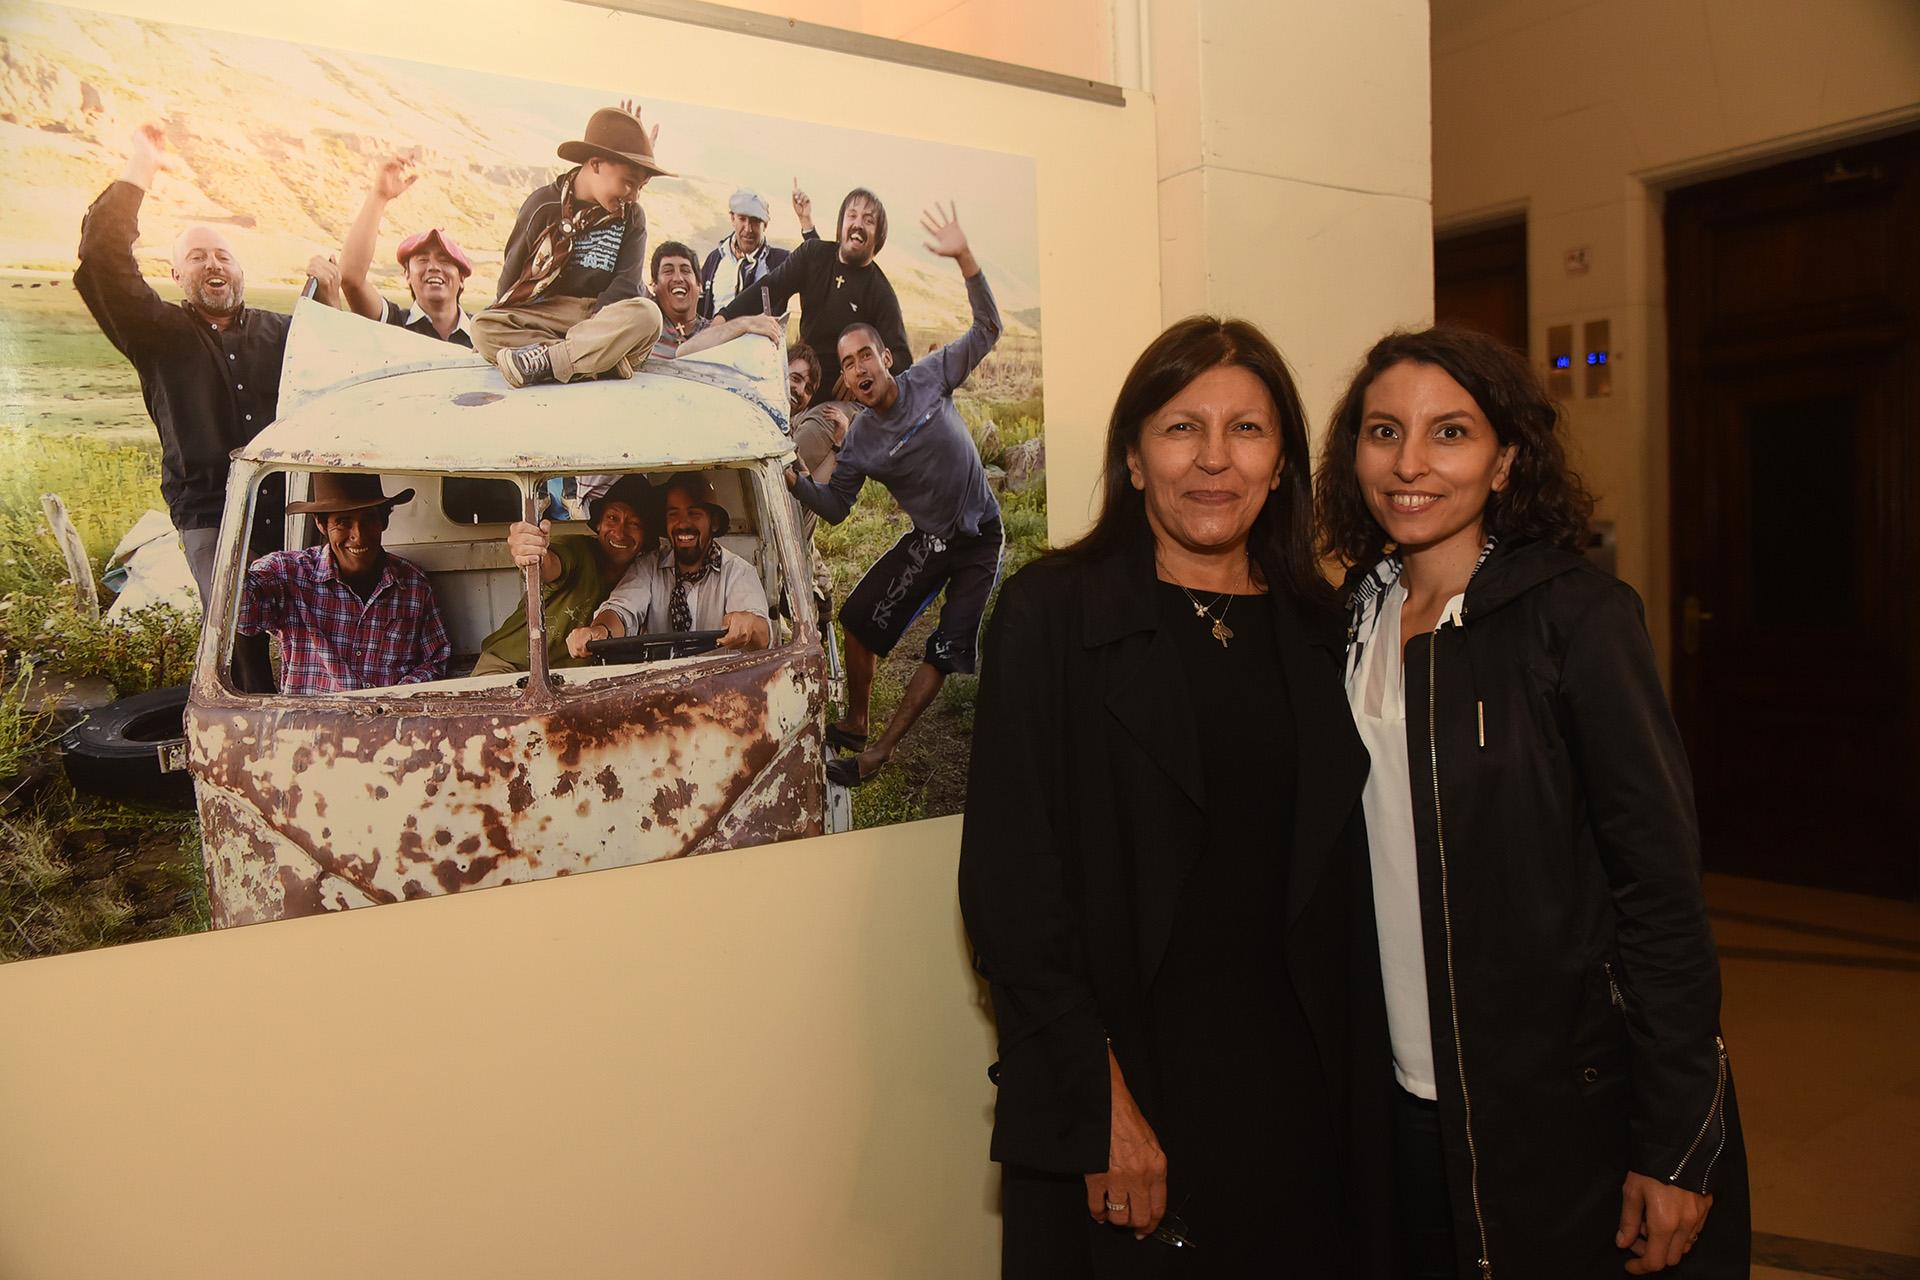 Alicia Daher y su hija Sumaia, cantante y música. Por el contenido comunicacional de la muestra que fue expuesta por la Fundación Nínawa Daher en el Centro Cultural Borges, en Agosto de 2018, la Legislatura de la Ciudad de Buenos Aires consideró que el mensaje merecía estar en su hall de honor